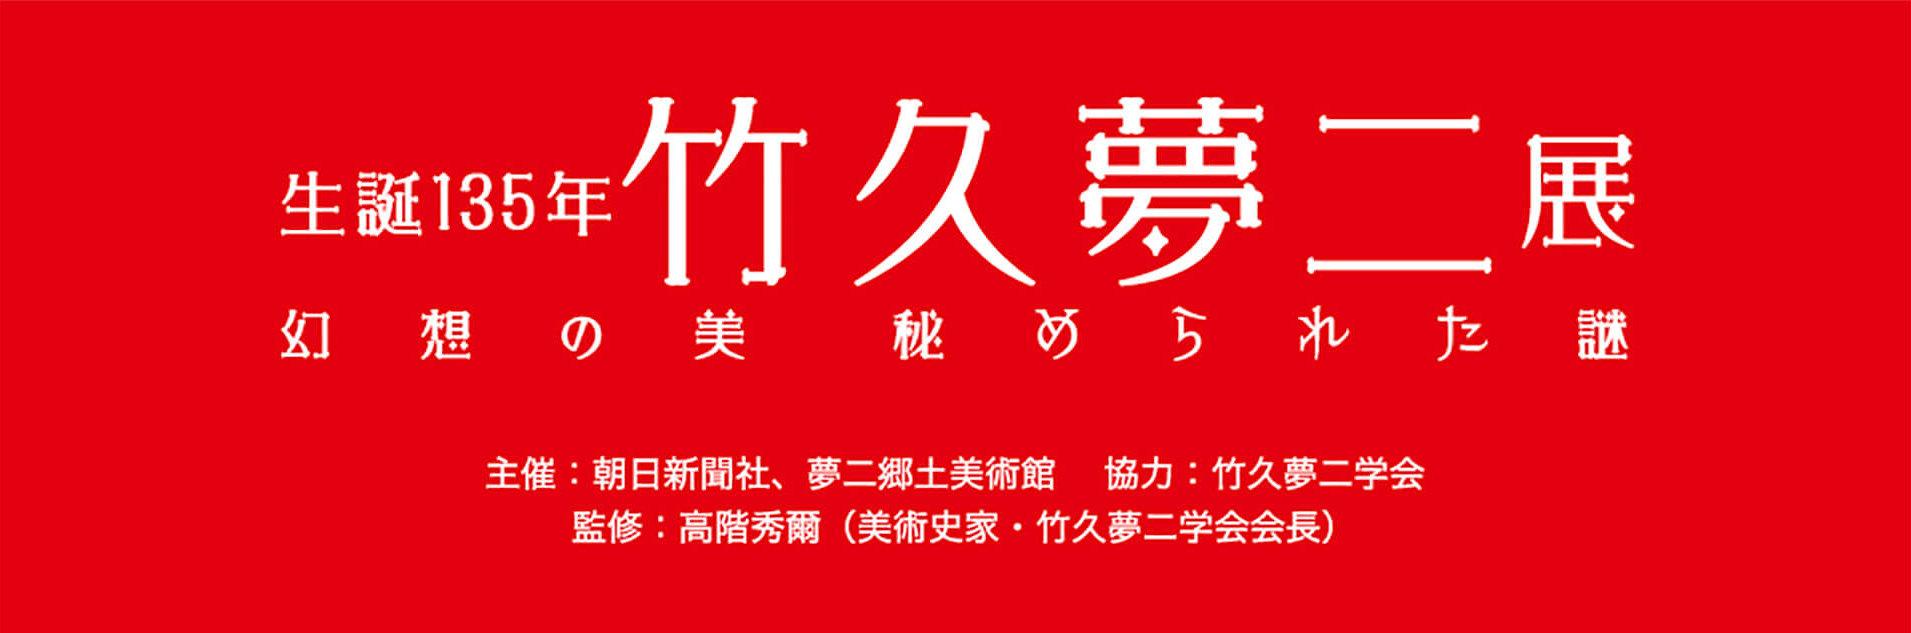 生誕135年 竹久夢二展バナー